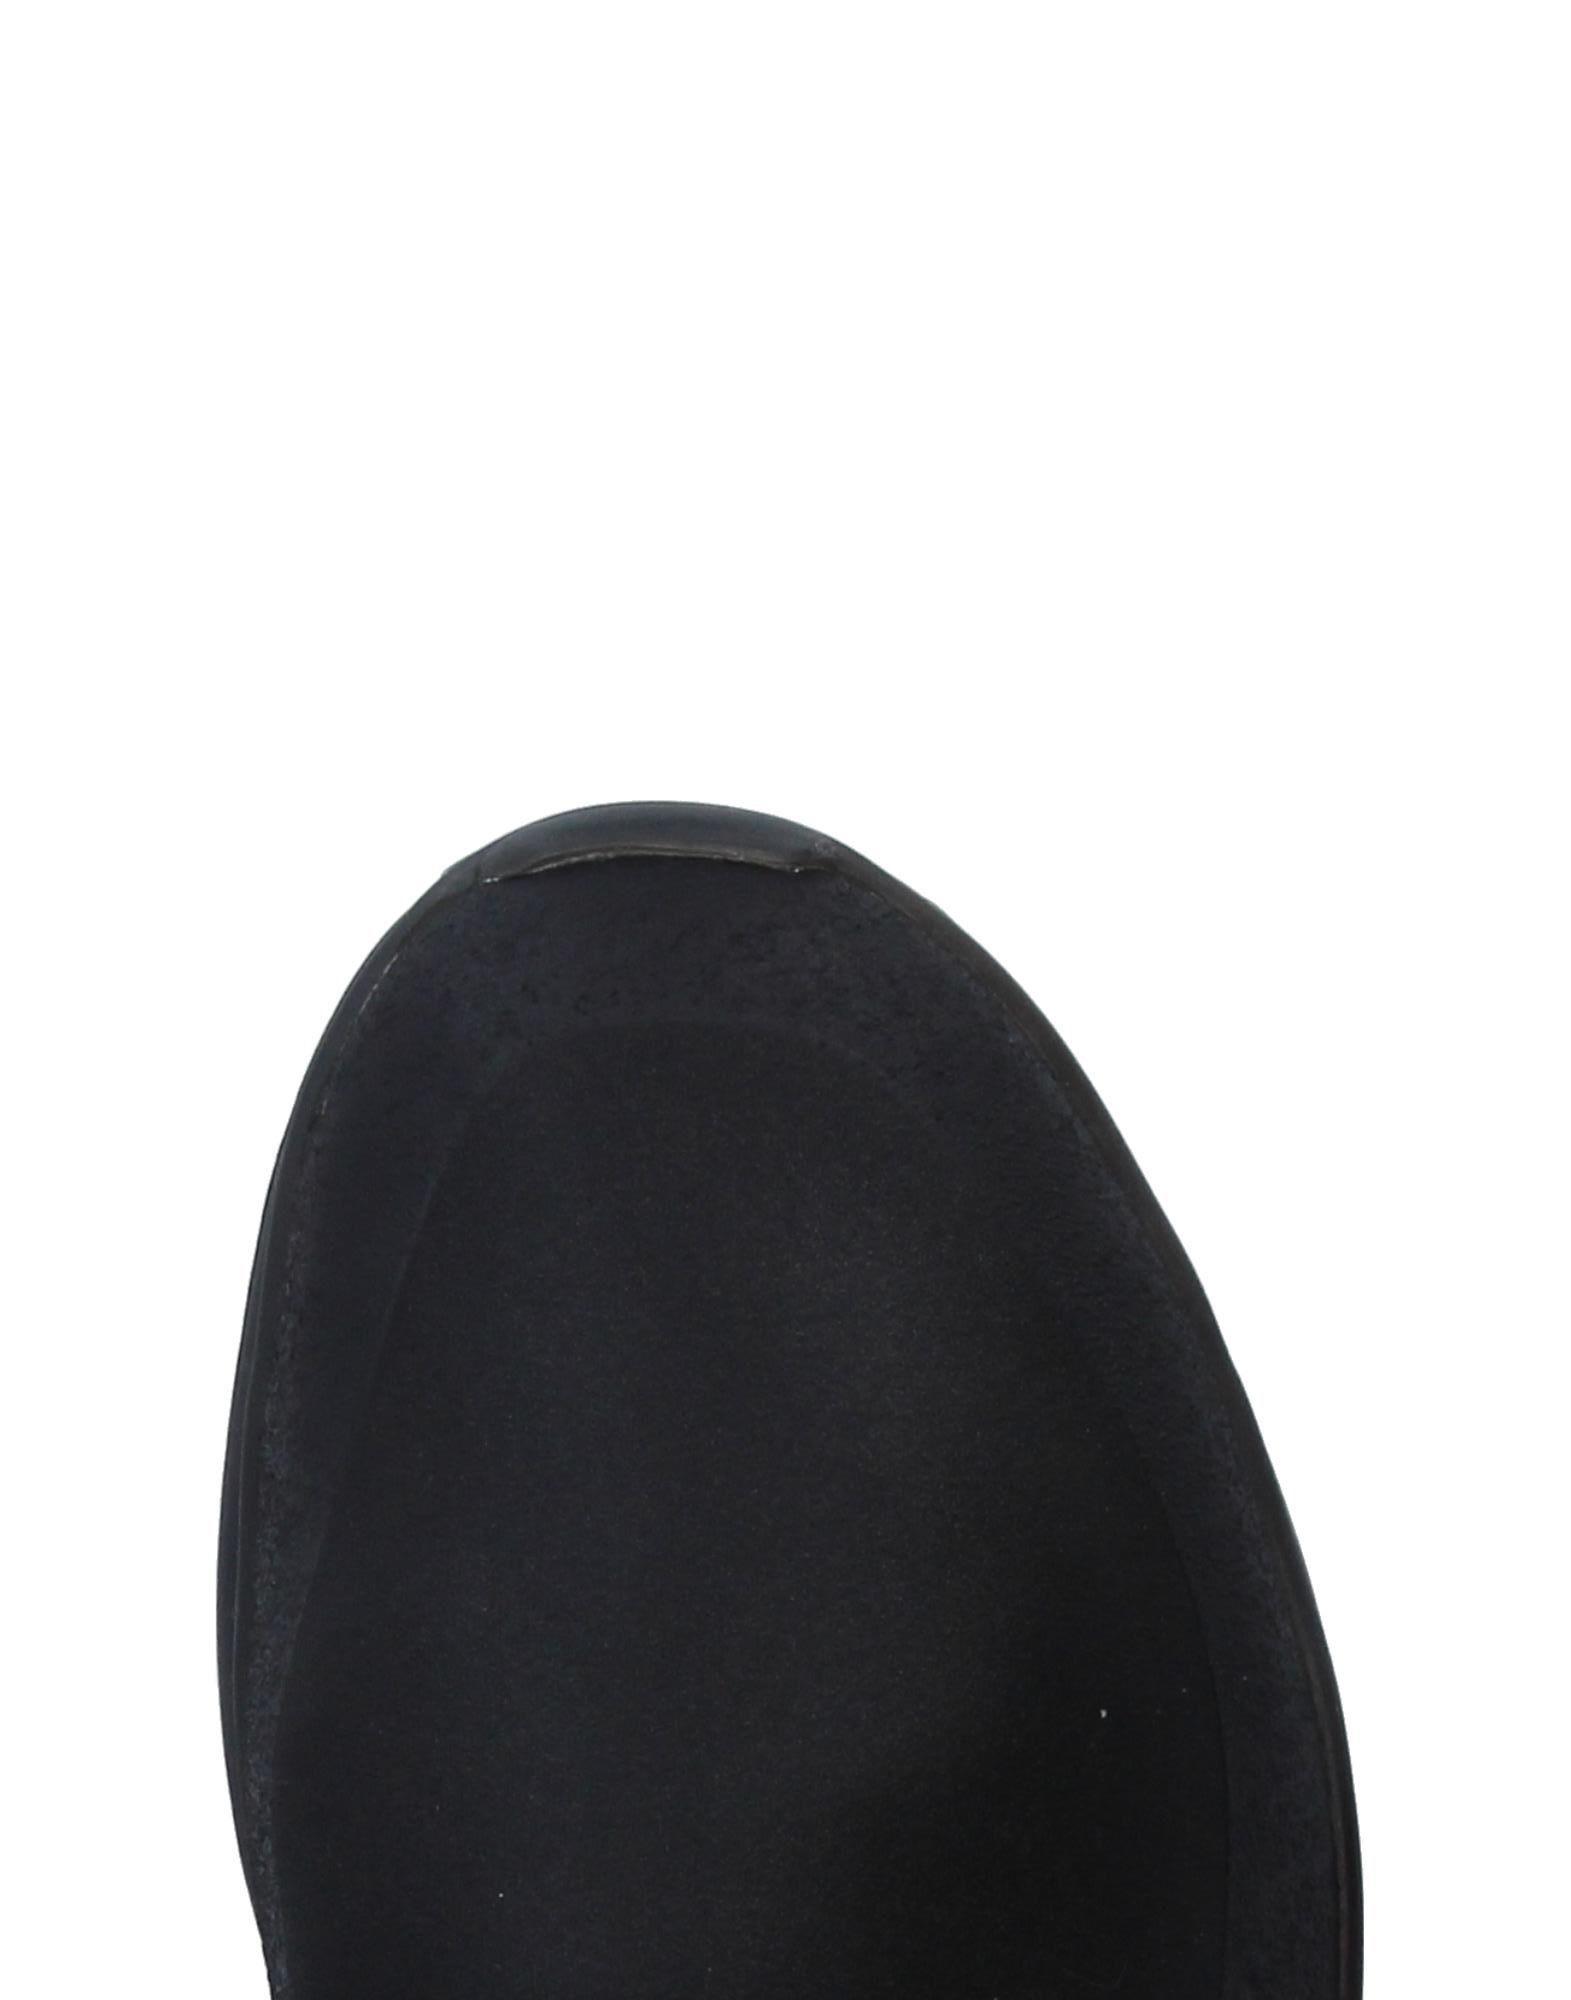 Rabatt echte Schuhe Sneakers Supra Sneakers Schuhe Herren  11337367AH 107b61